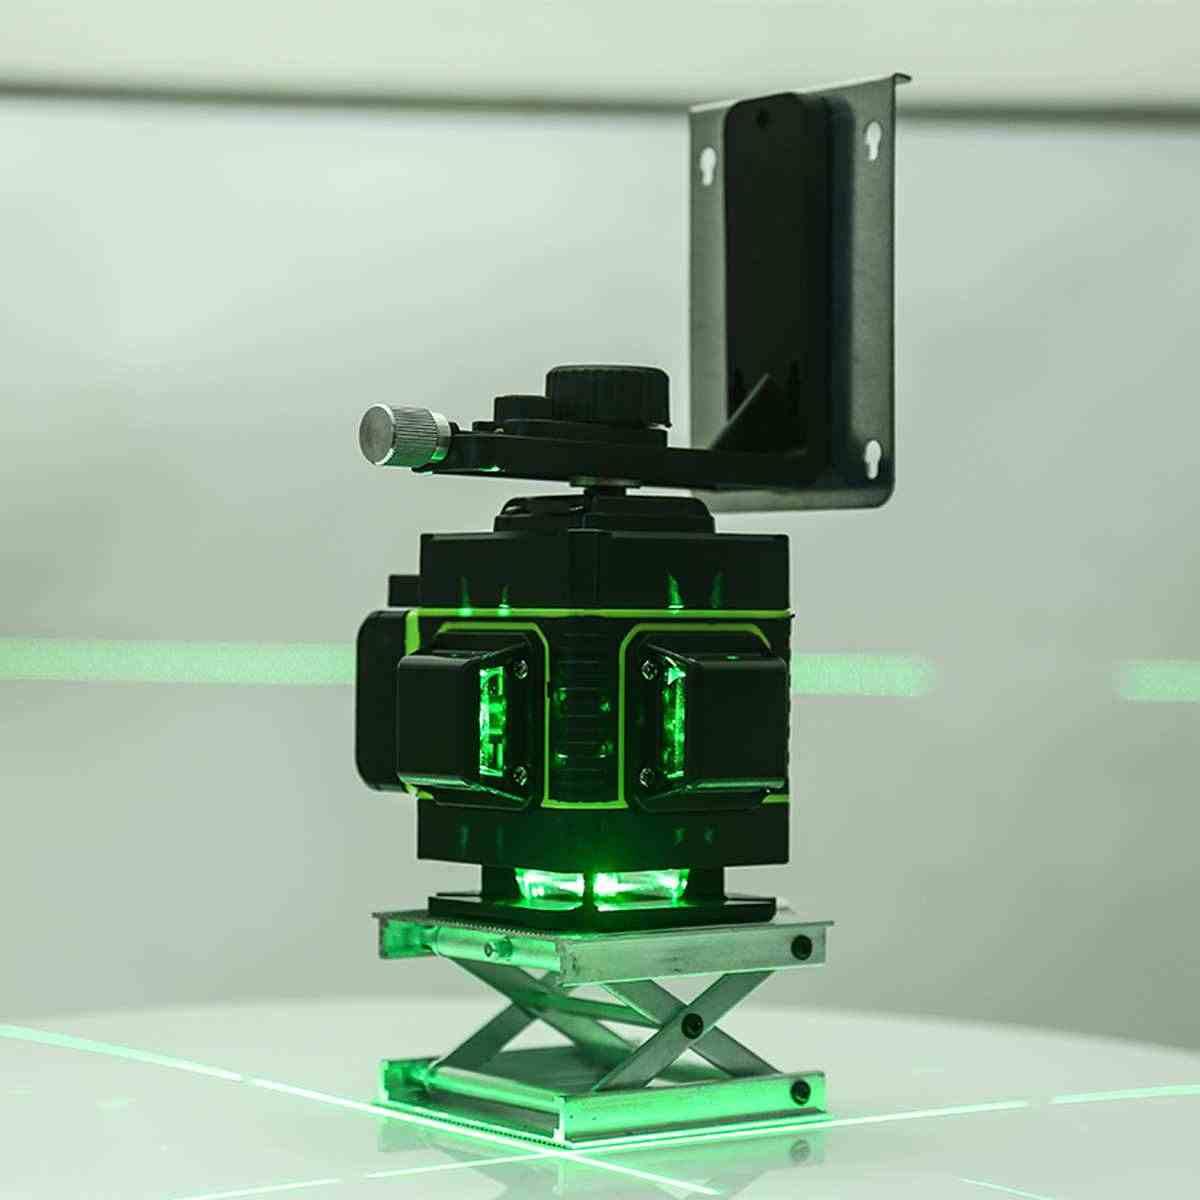 レーザーレベル 12 ラインレベル 3D 自己レベリング 360 度ロータリー水平と垂直クロスブルーレーザーレベルリモート制御